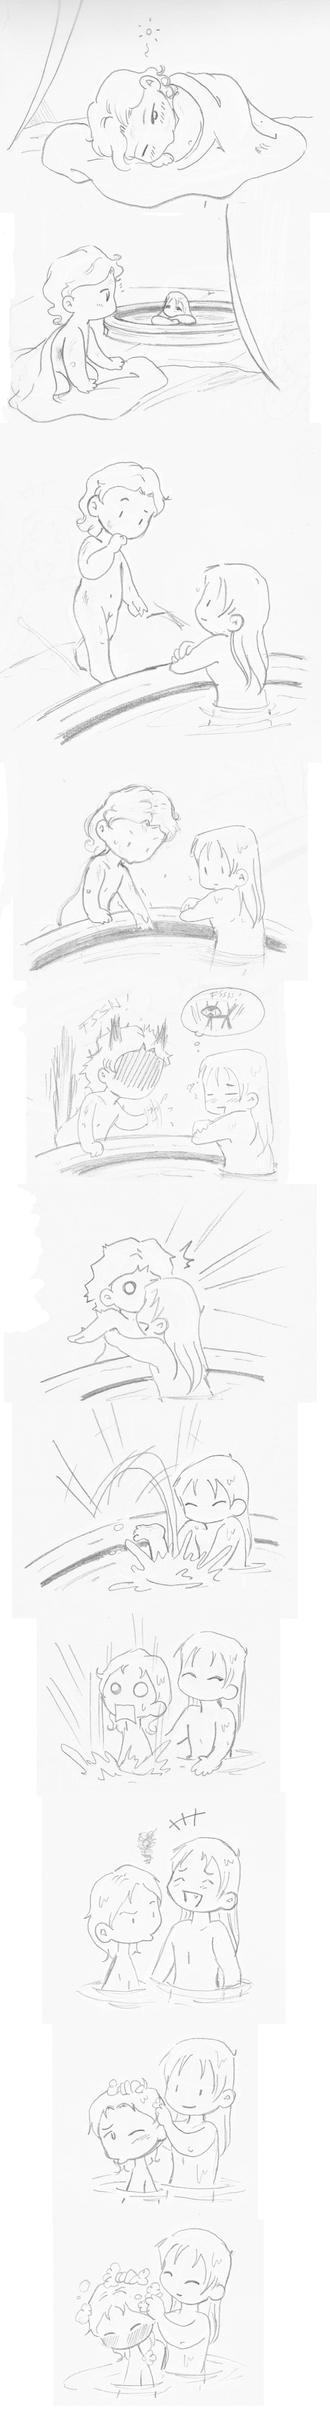 Cute bath scene by Miyucchi